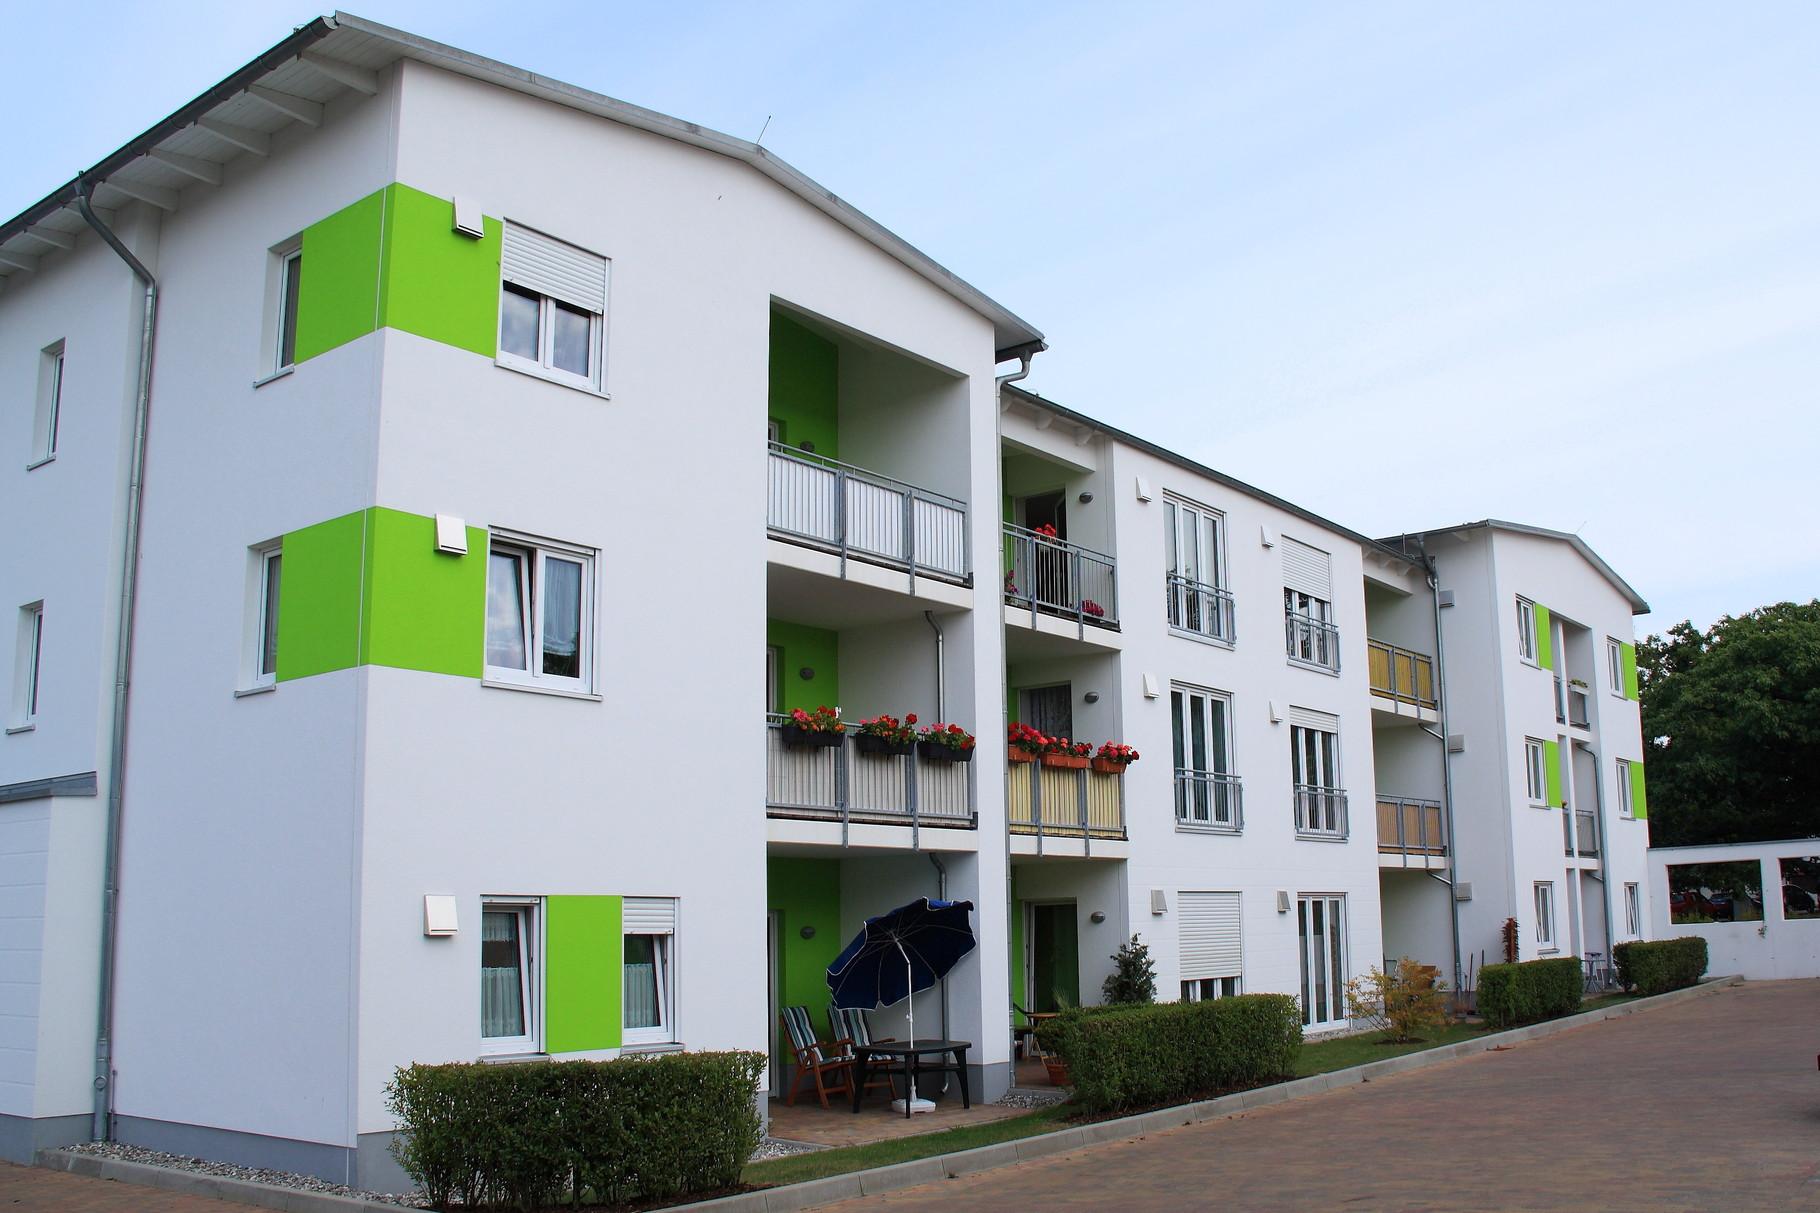 Seebad Ahlbeck, Mehrfamilienhaus Friedrich-Schiller-Straße